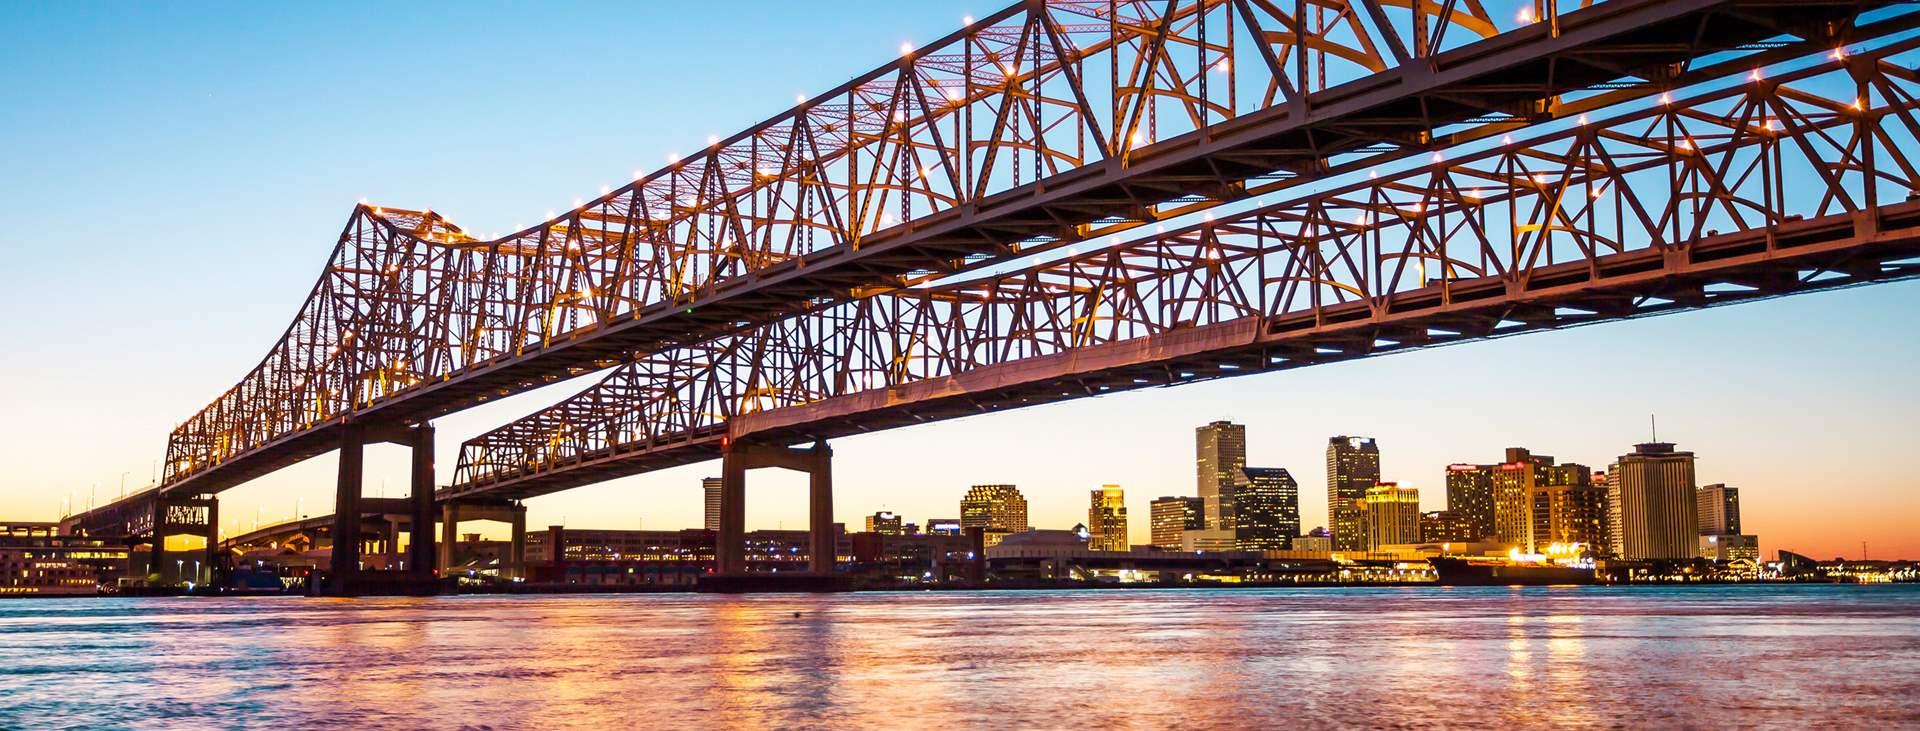 Varaa Tjäreborgin matka New Orleansiin USA:han